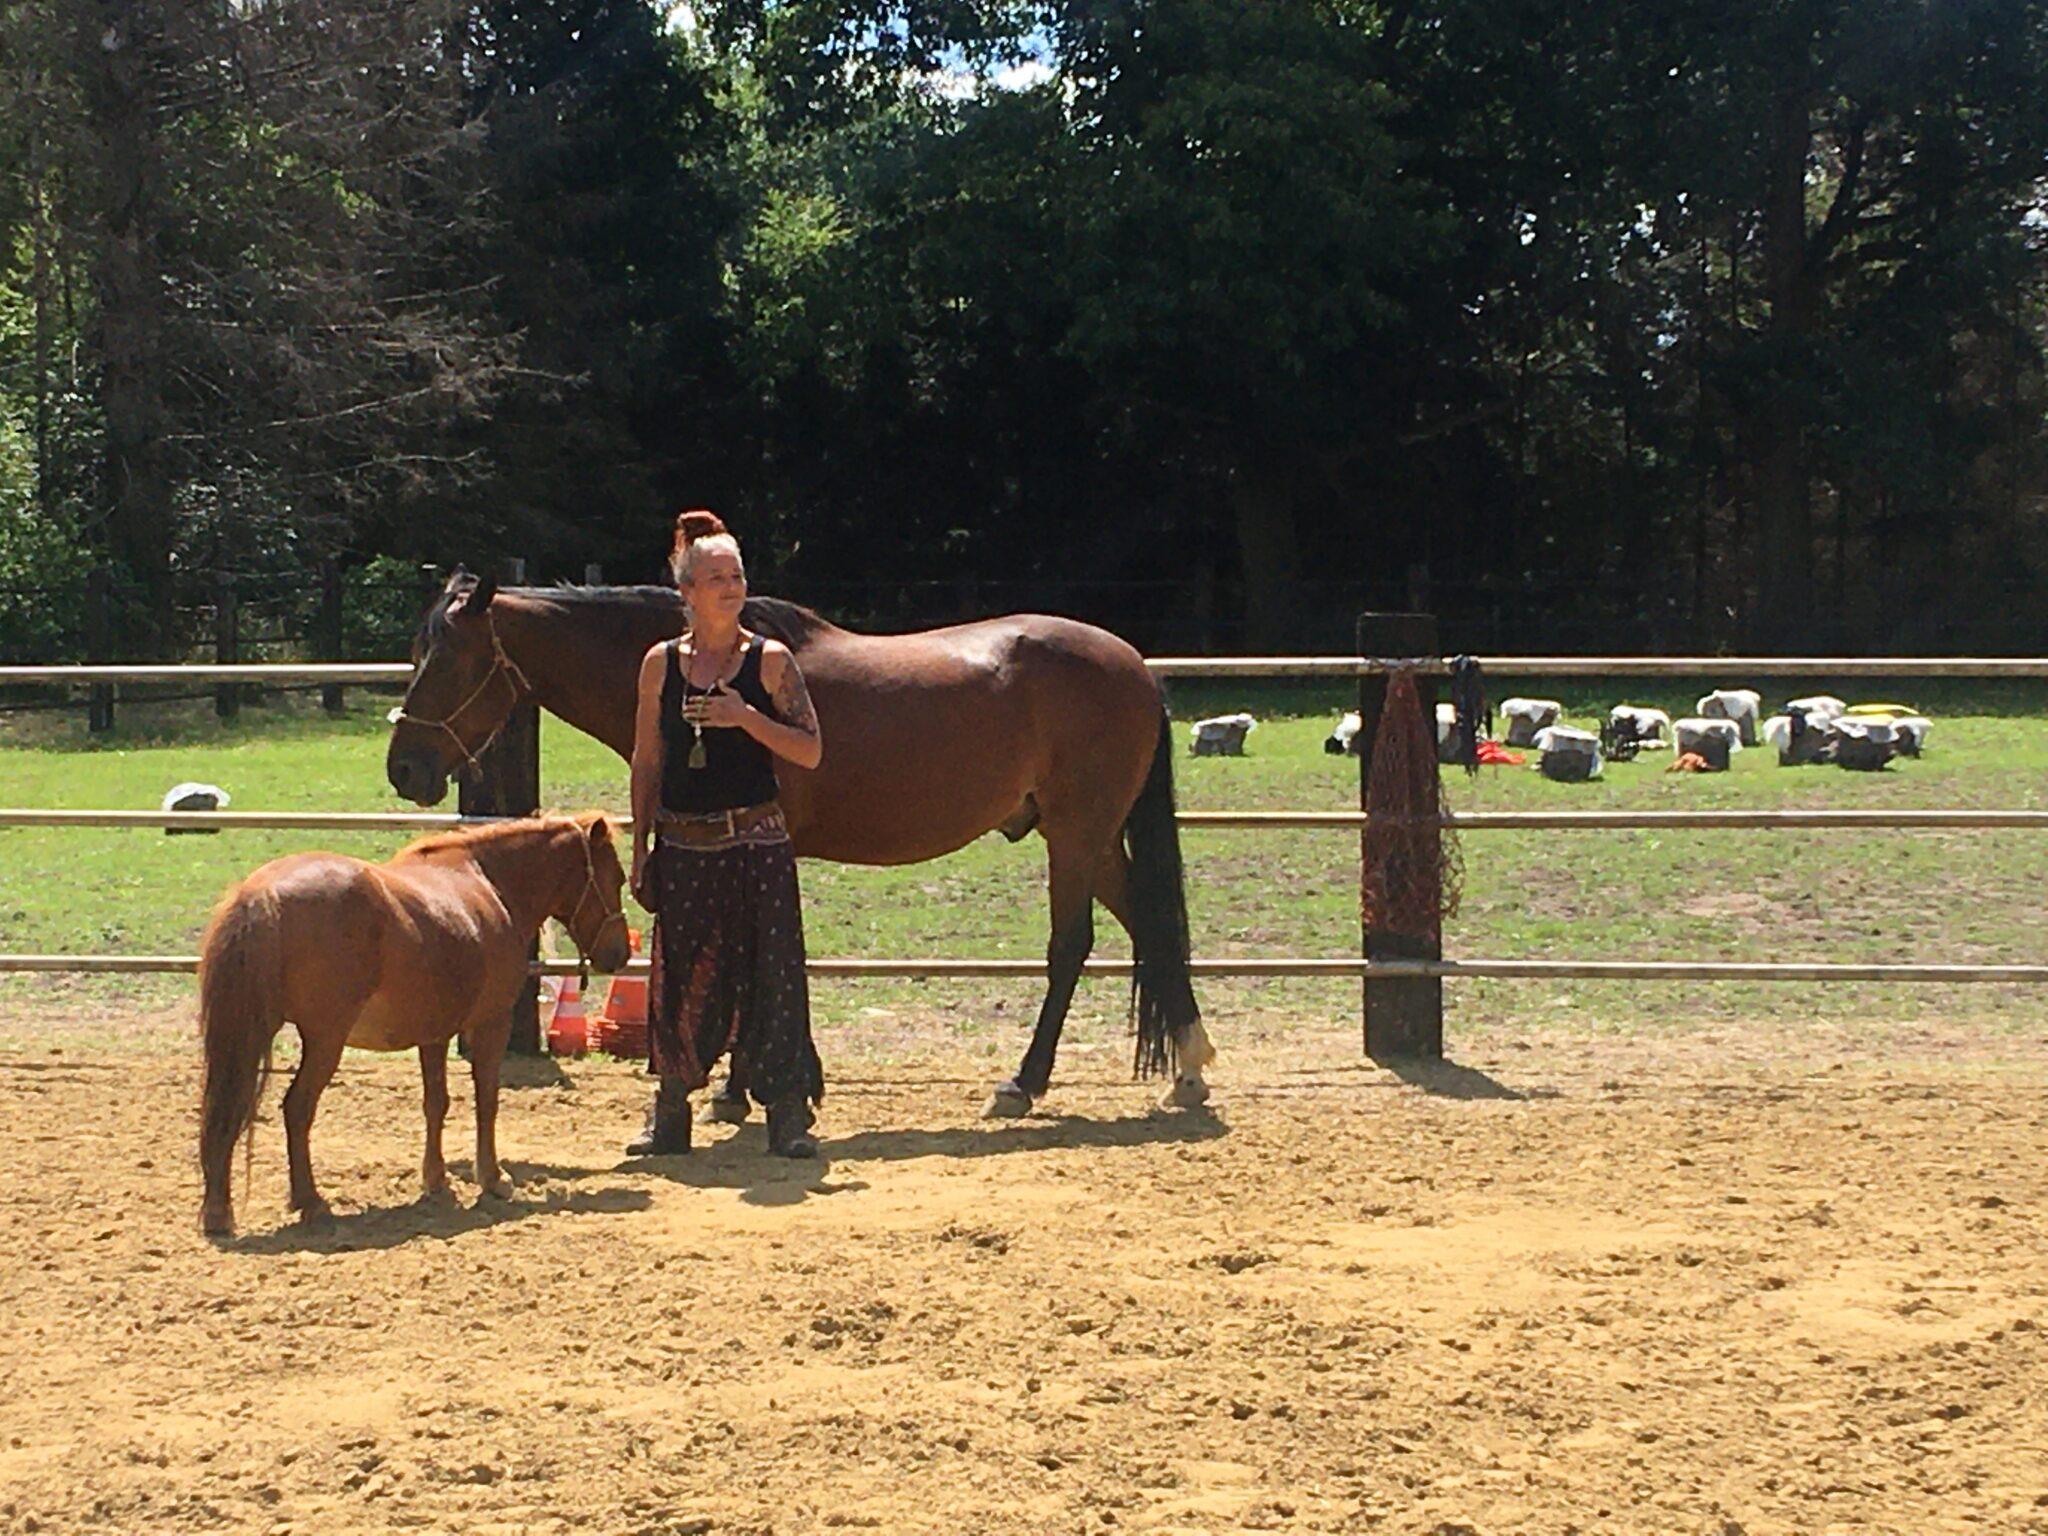 sjamanistisch coachen met paarden